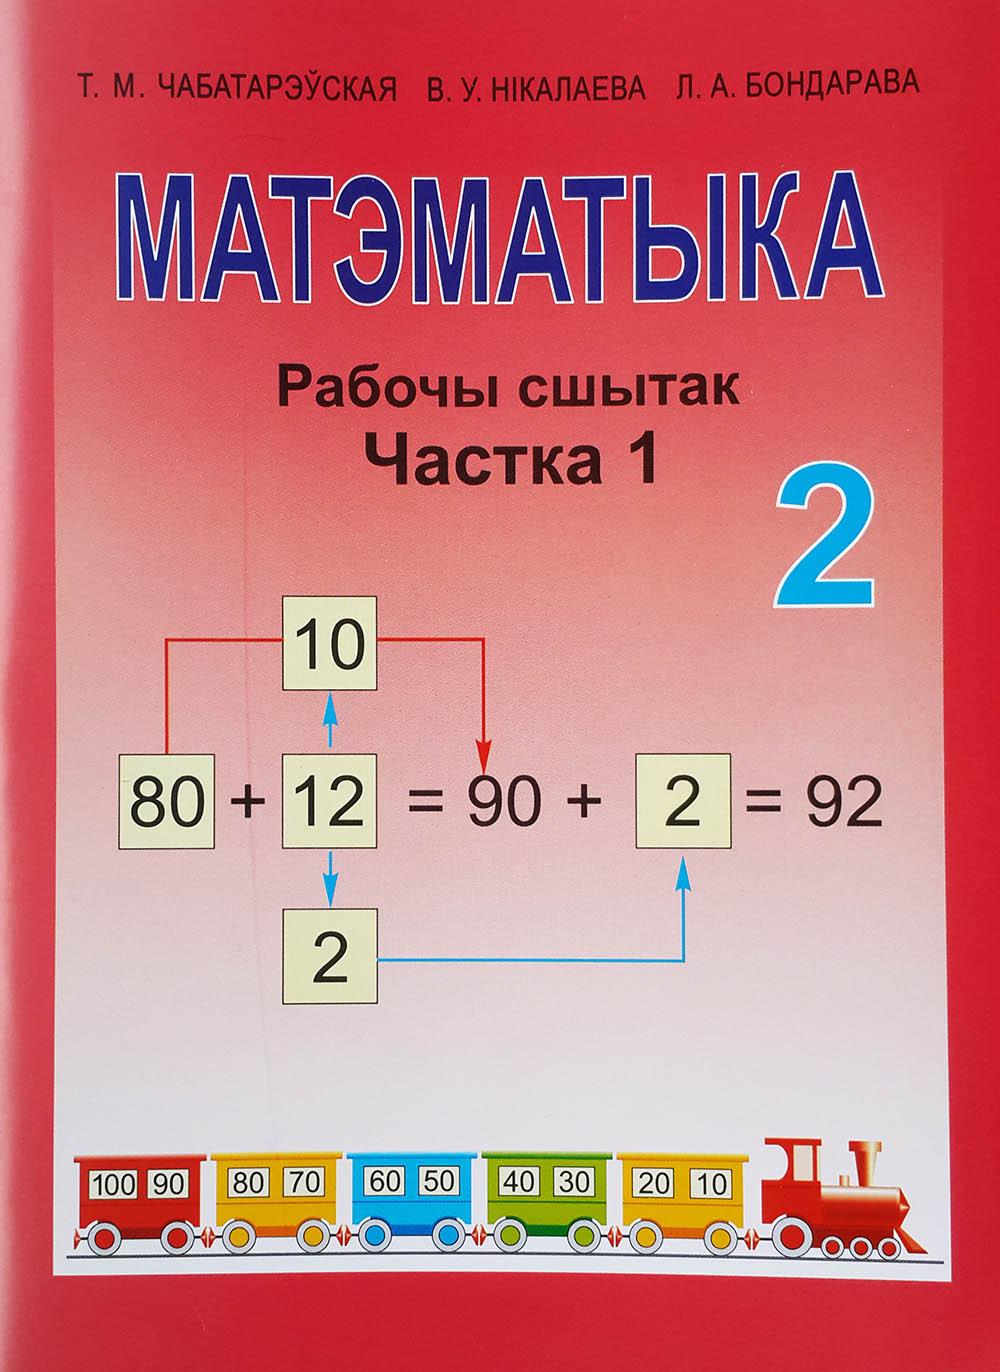 Матэматыка, 2 кл. Рабочы сшытак № 1